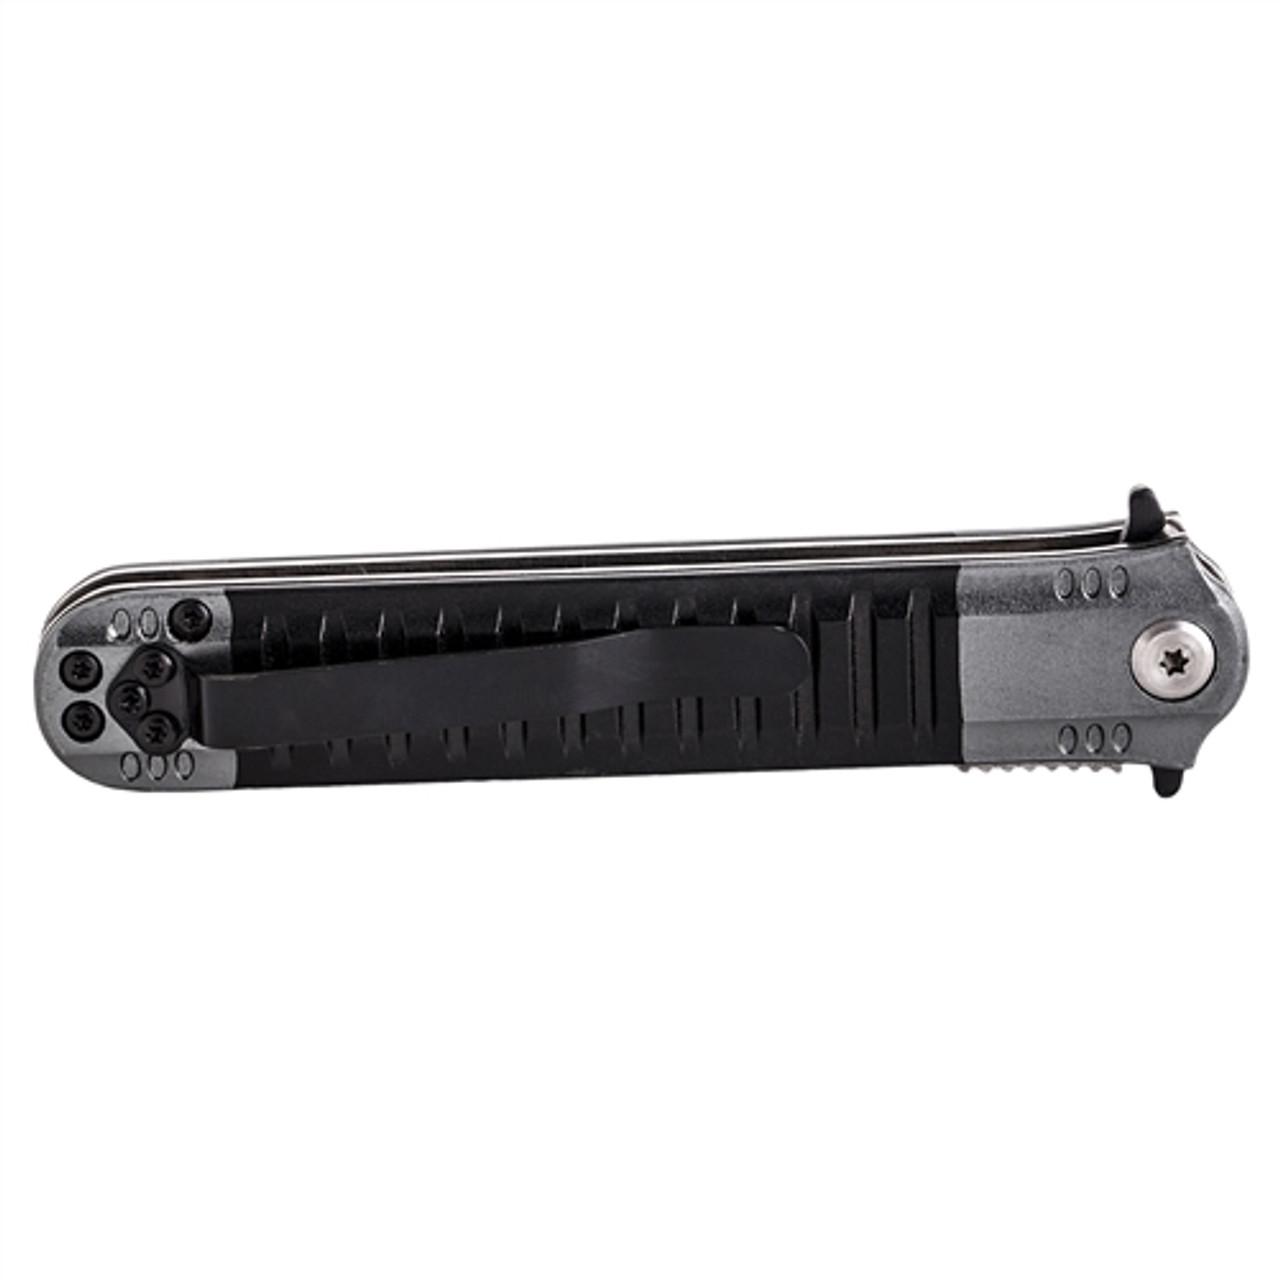 UZI FDR-009 Black/Grey Covert Spring Assist Knife, Black Blade